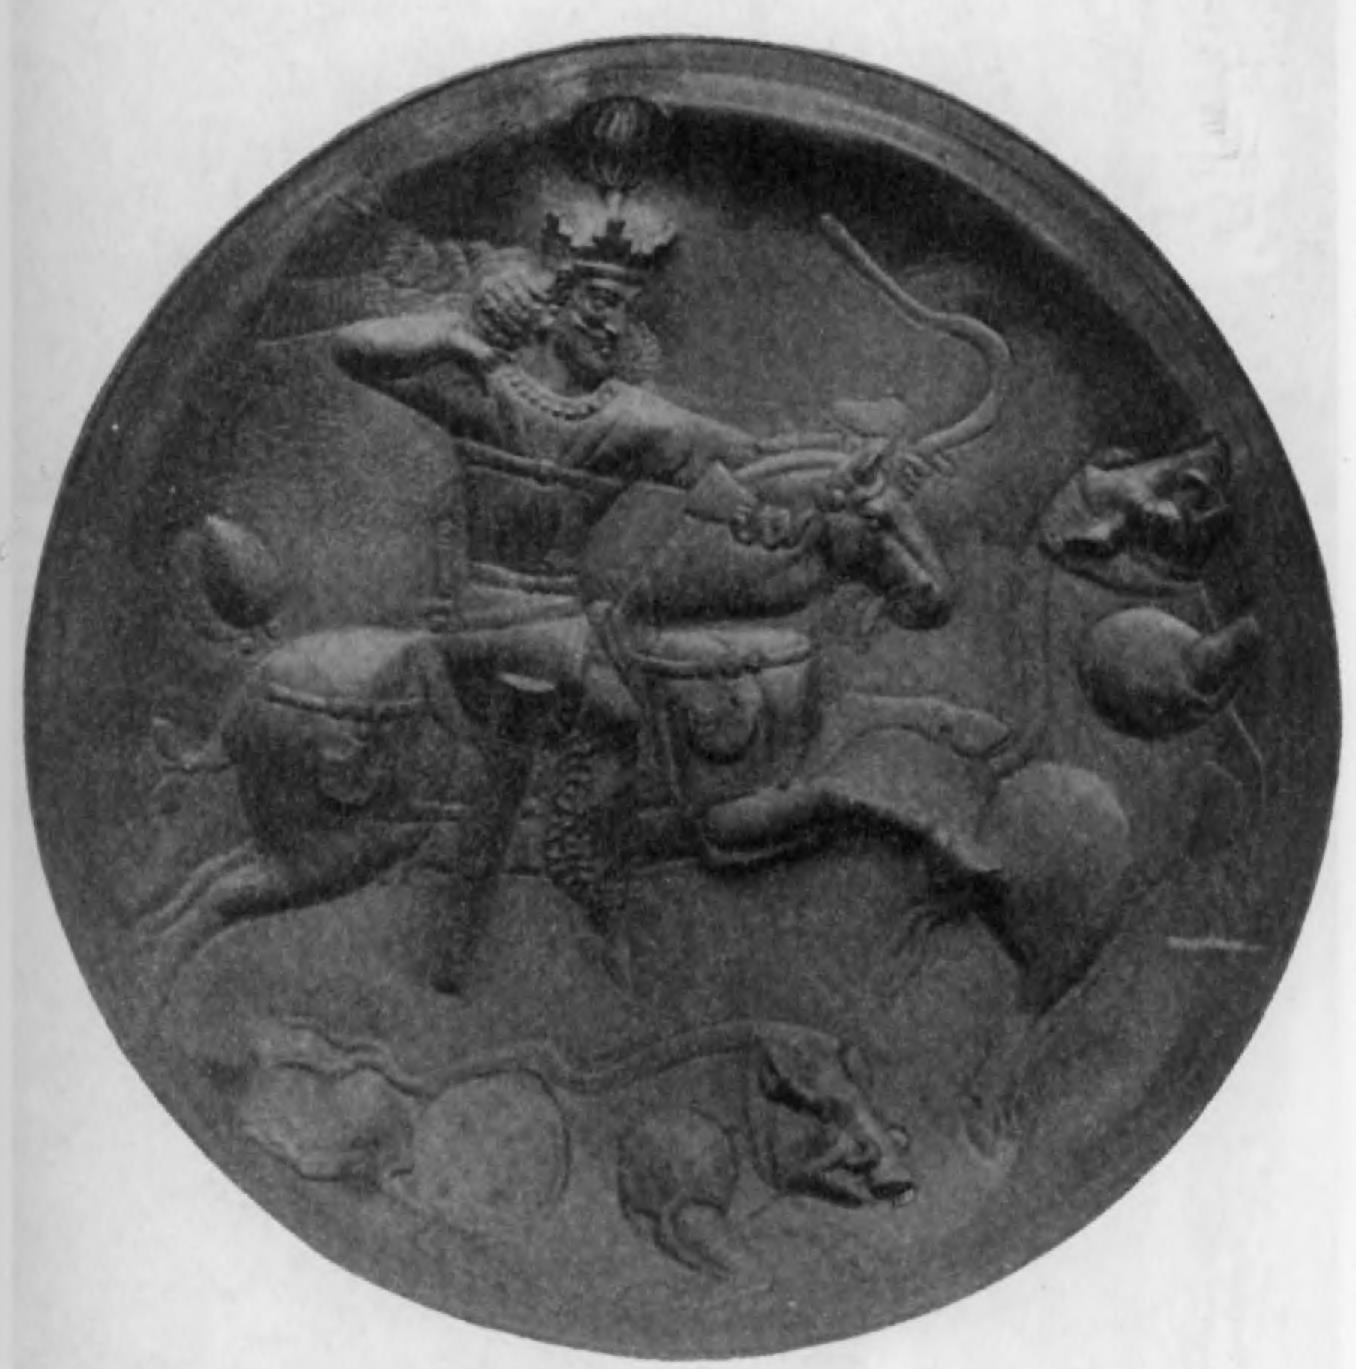 96. Серебряное блюдо (диаметр 24 см) с изображением царя Пероза, охотящегося на вепрей